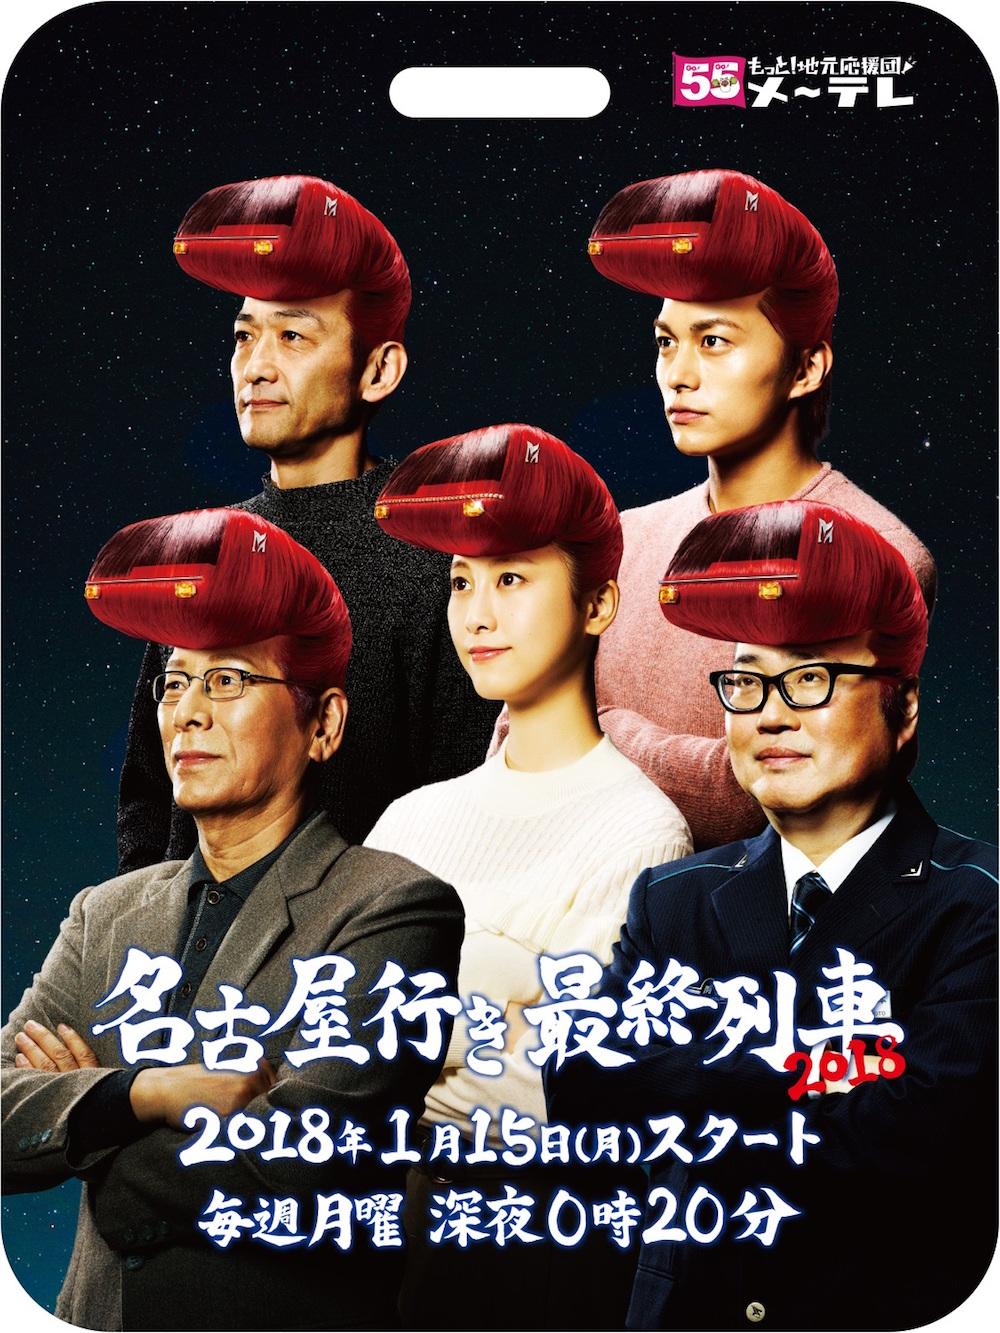 松井玲奈、名古屋鉄道の系統板に登場!メ~テレドラマ「名古屋行き最終列車2018」をPR!